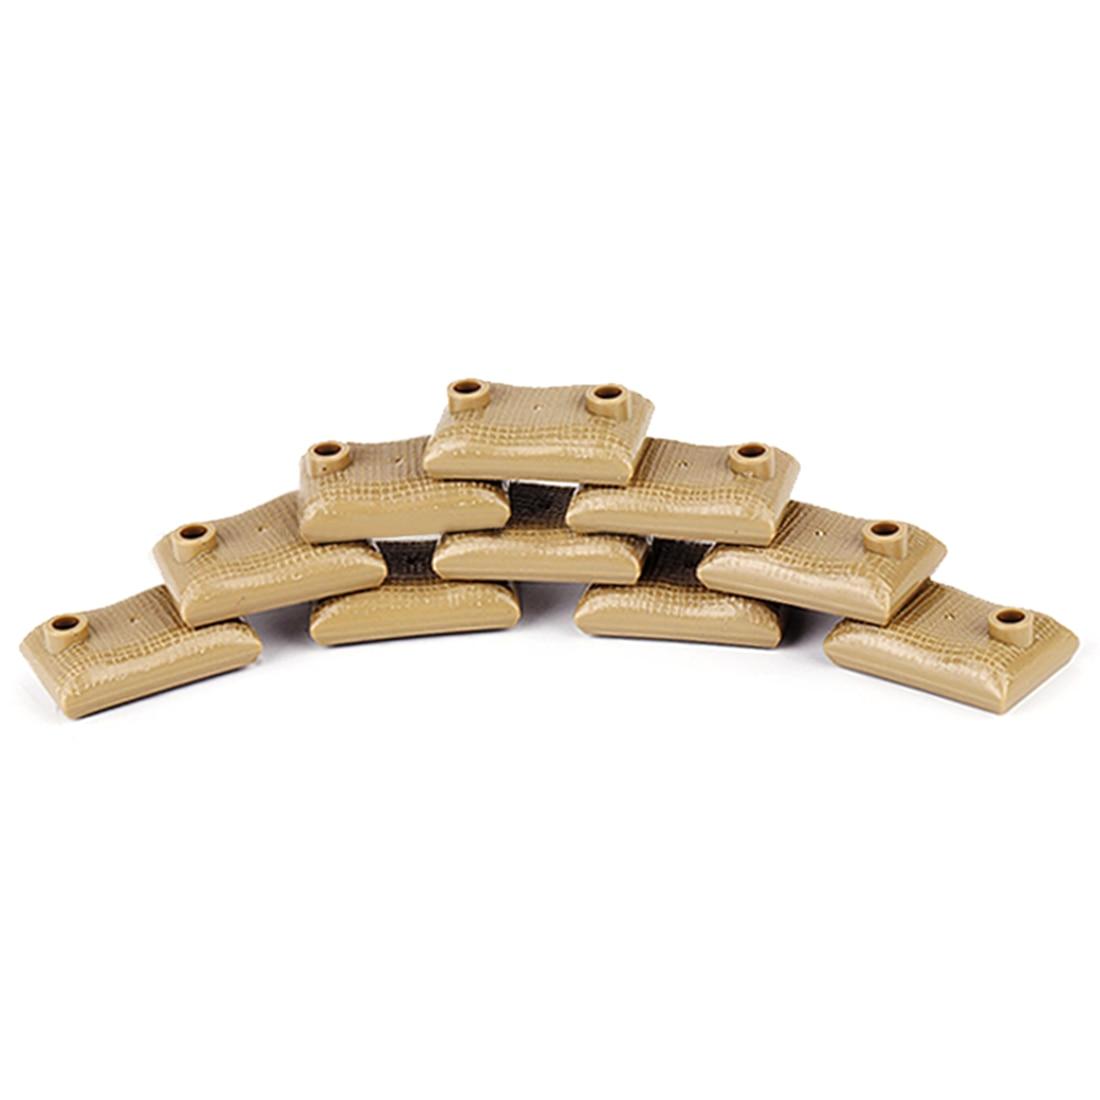 10 шт военные войны тема DIY маленькие частицы строительный блок земляные мешки модель головоломка игрушка для строительных блоков брендов-темно-коричневый - Цвет: 2722930